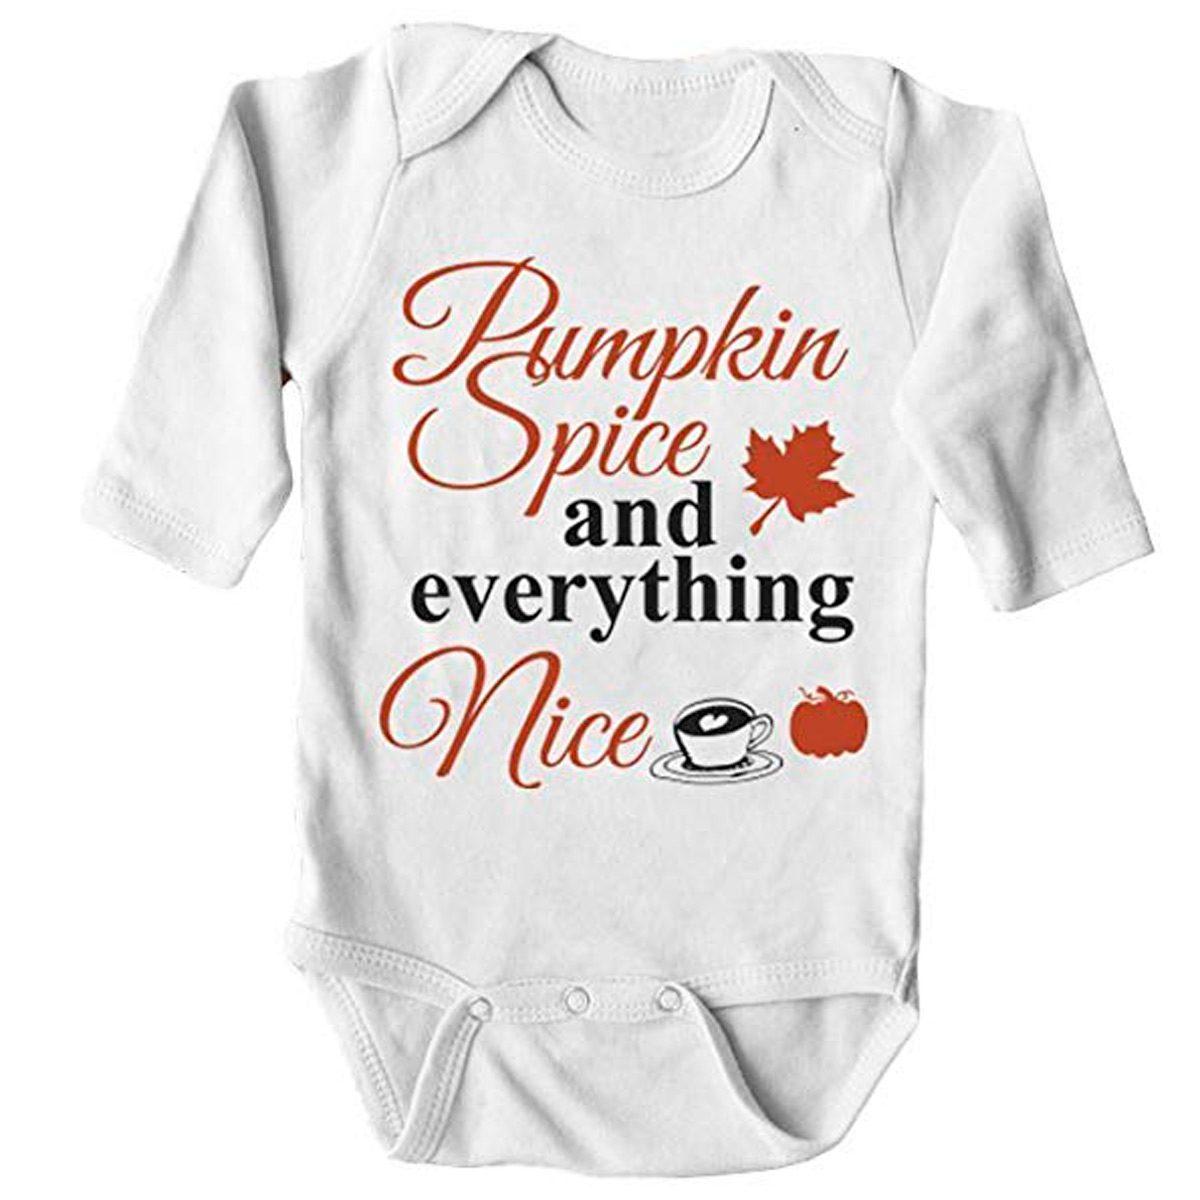 pumpkin spice baby onesie